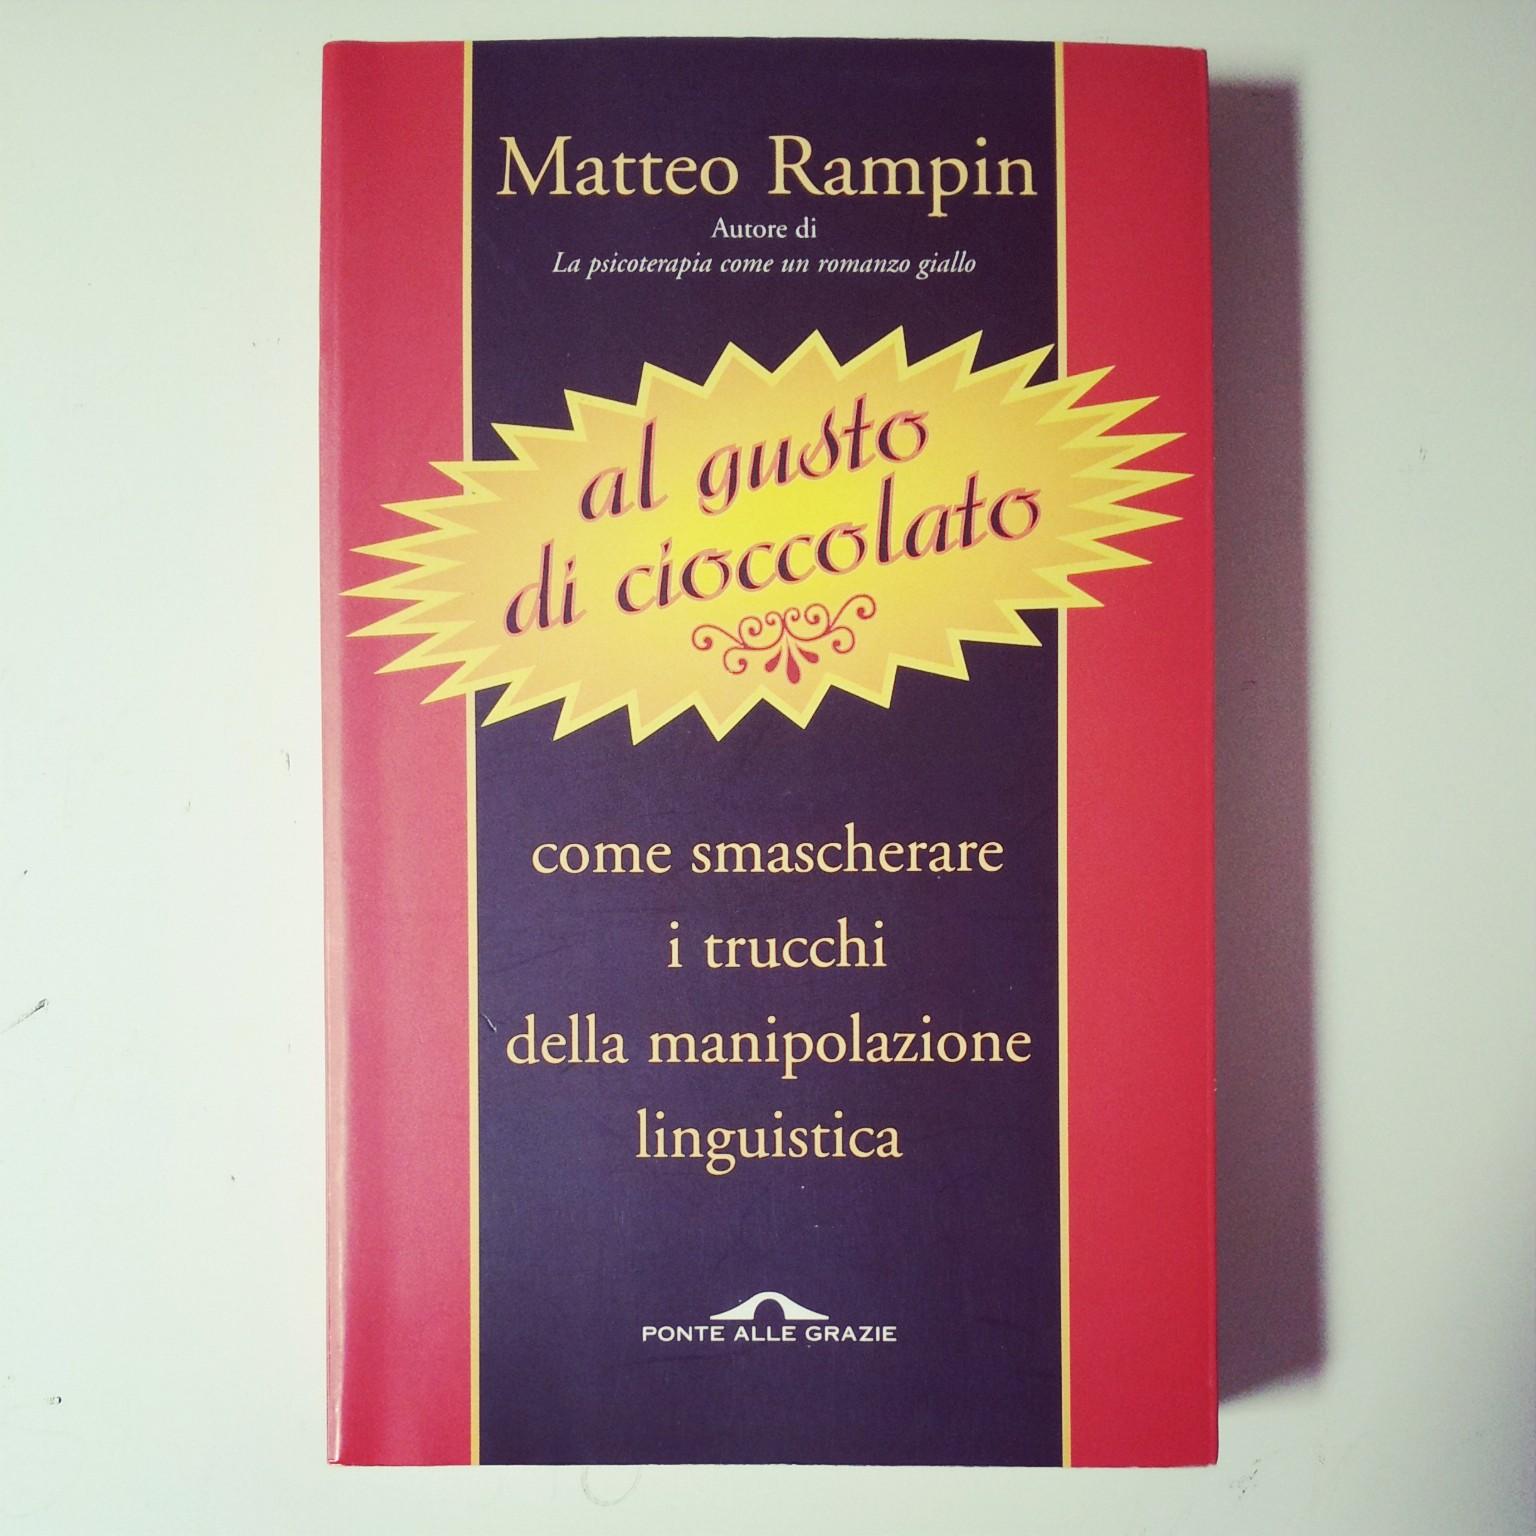 Al gusto di cioccolato Matteo Rampin